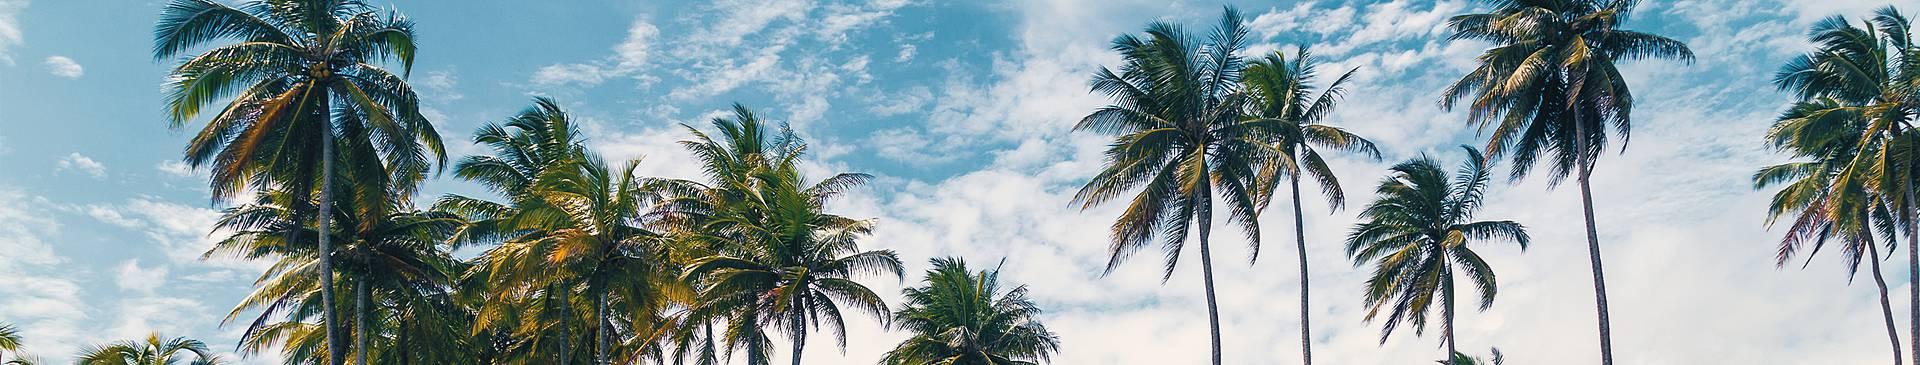 Viajes a Ecuador en verano